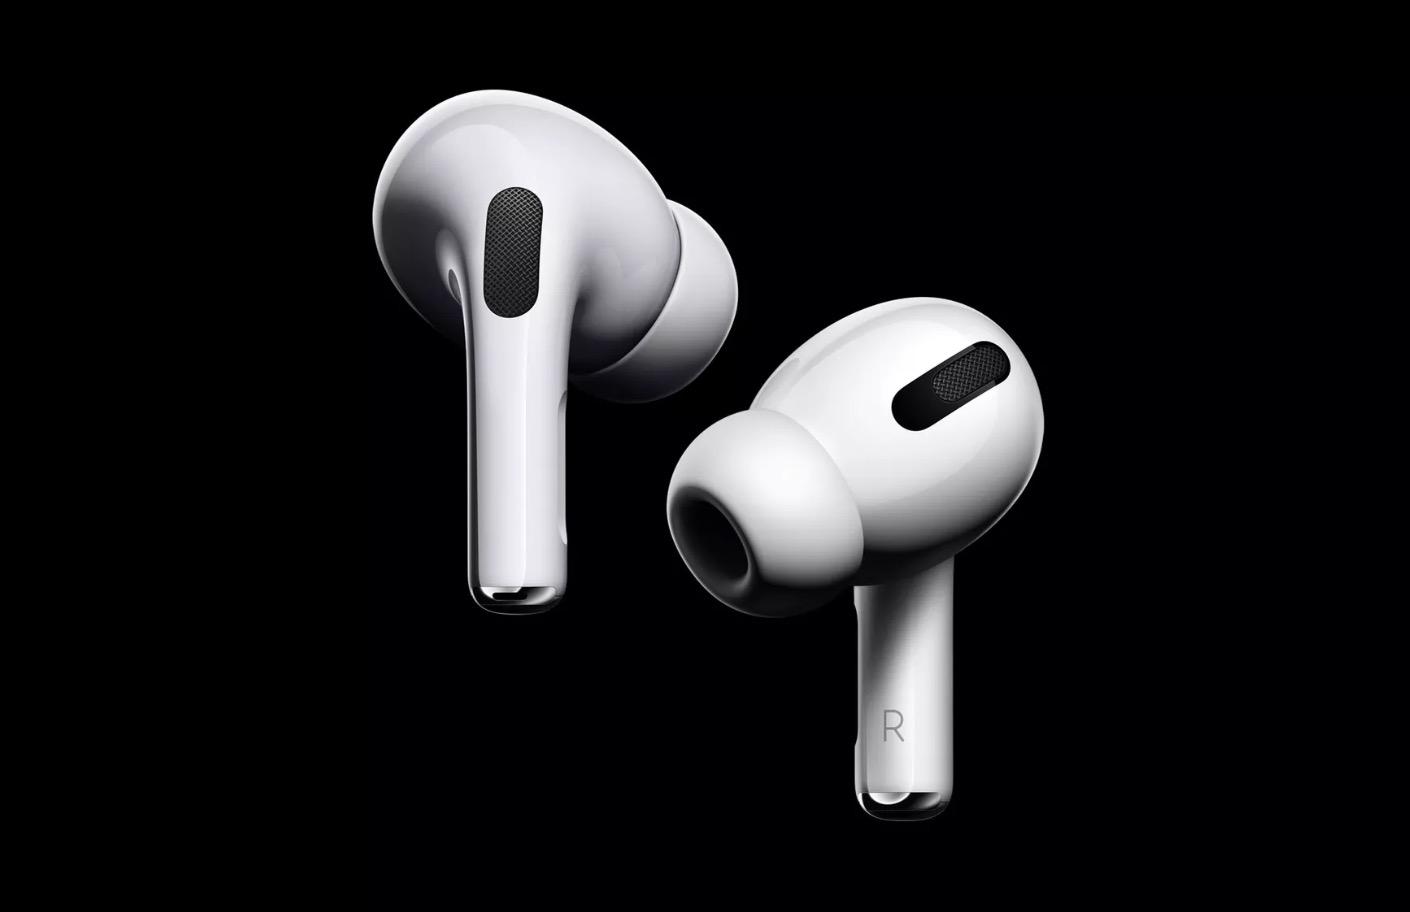 Apple chính thức ra mắt AirPods Pro: thiết kế nhét tai, chống ồn chủ động, tích hợp cảm biến lực, giá 5,8 triệu VND